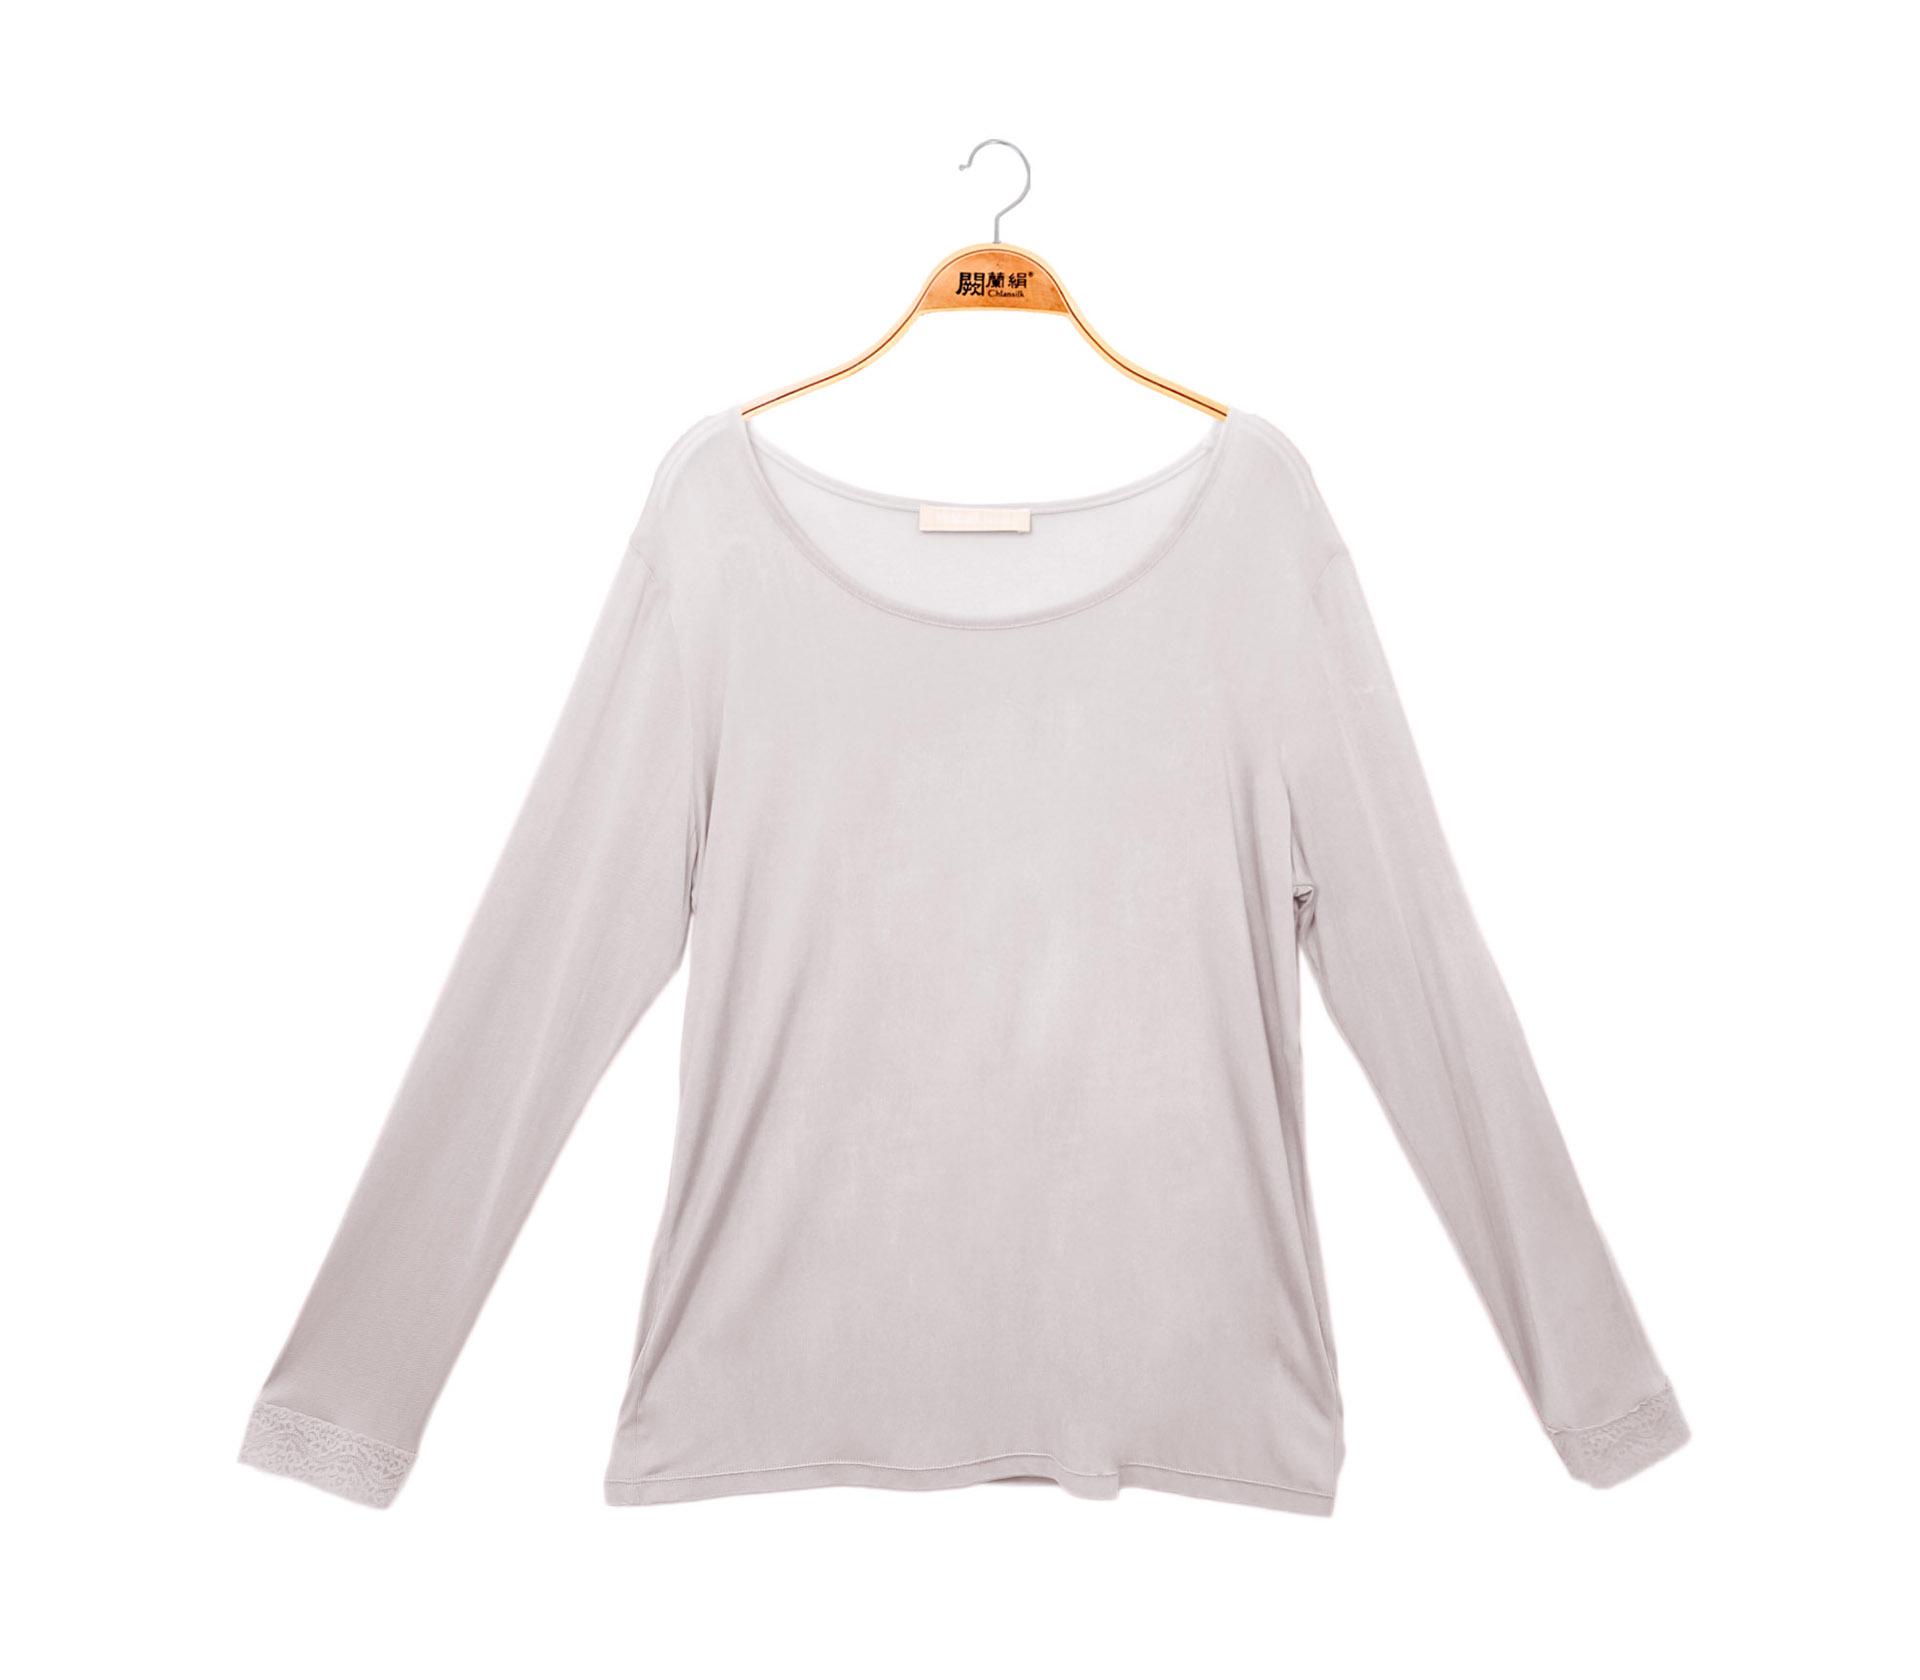 闕蘭絹素面長袖32針100%蠶絲衣-灰色-9920